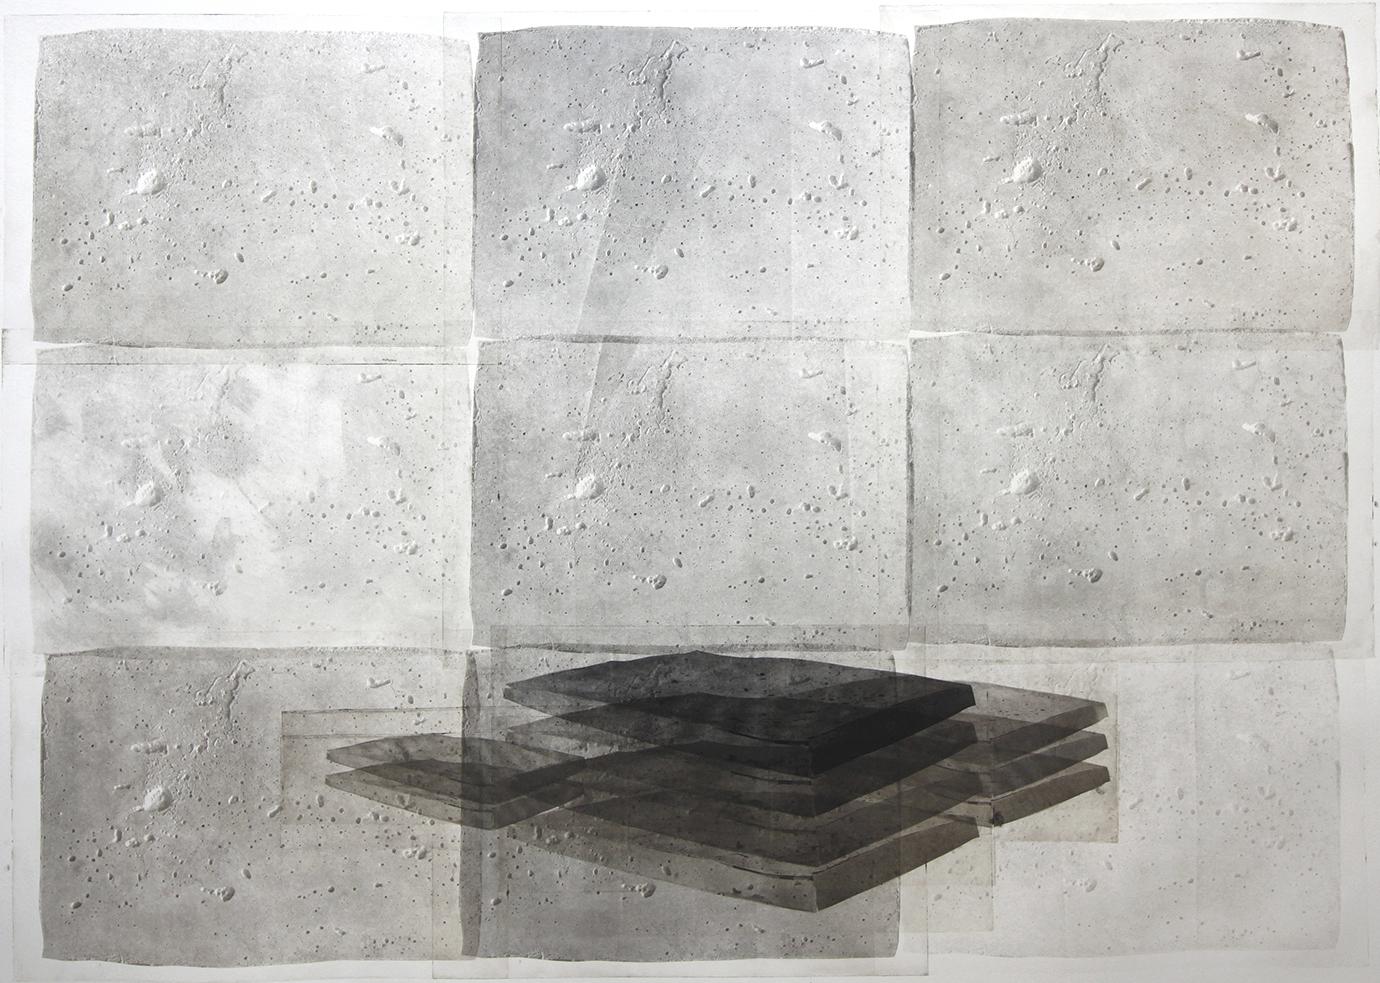 Maaike-Kramer-01-1.jpg